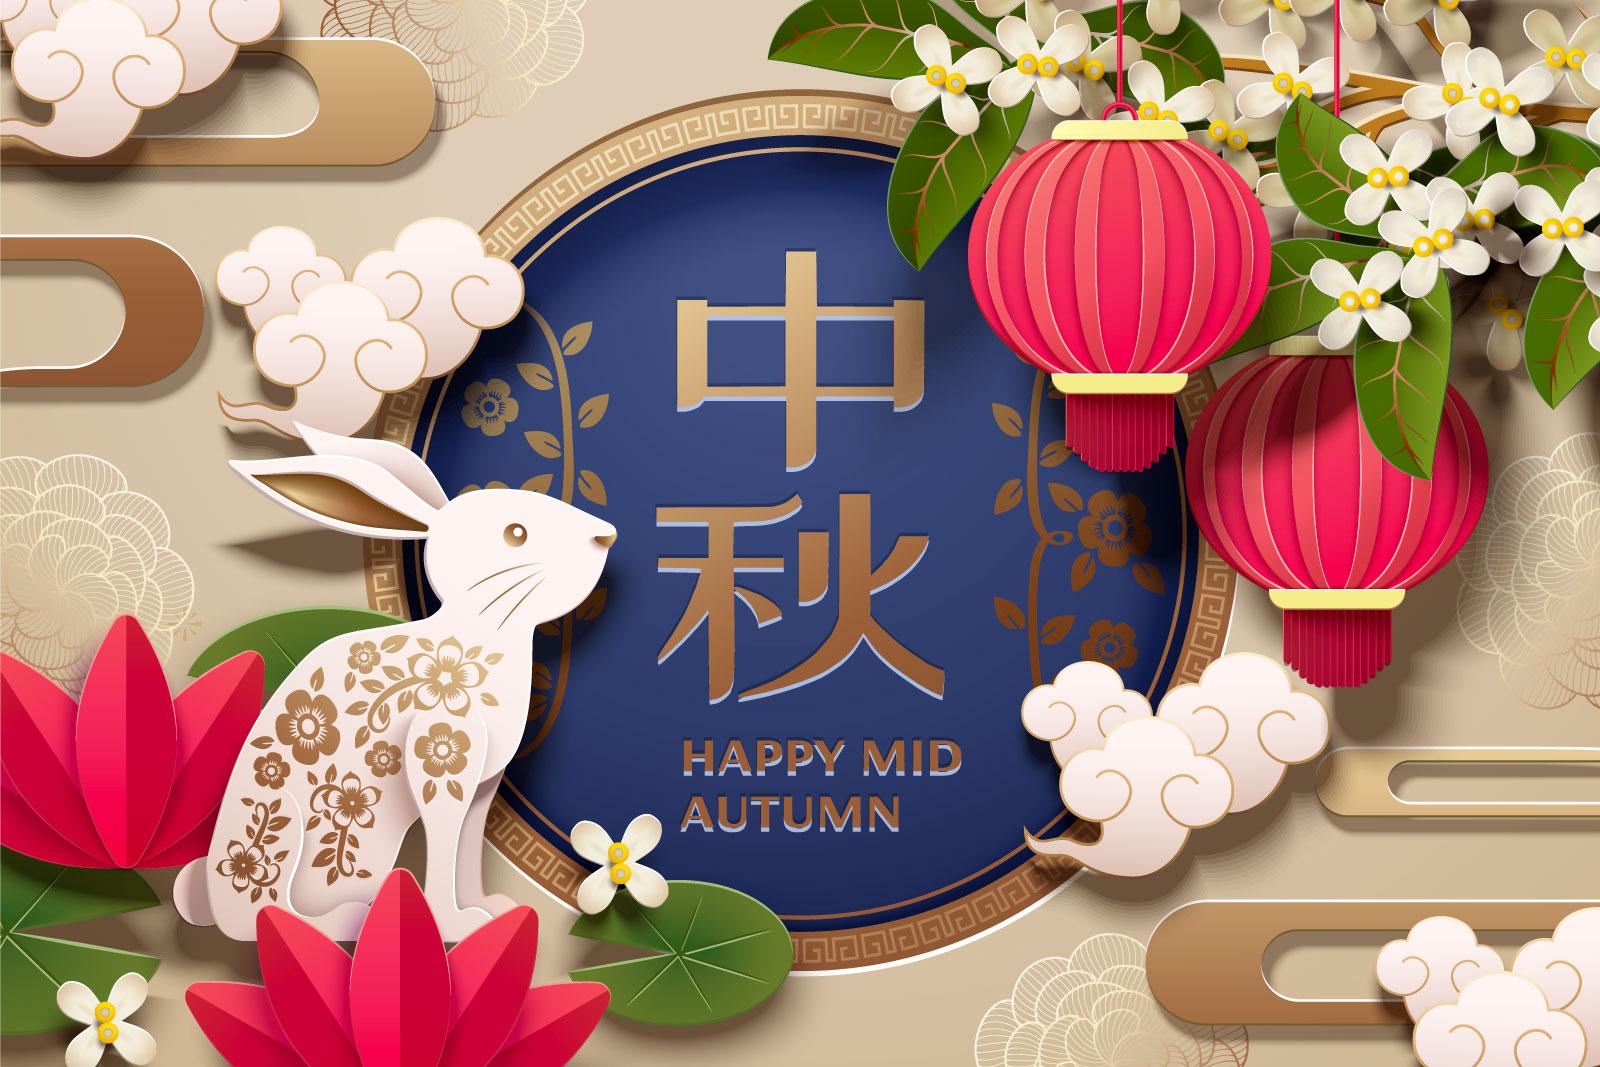 38款中国风中秋节主视觉海报插画AI广告设计素材源文件 Mid Autumn Festival Vector Pattern插图(1)